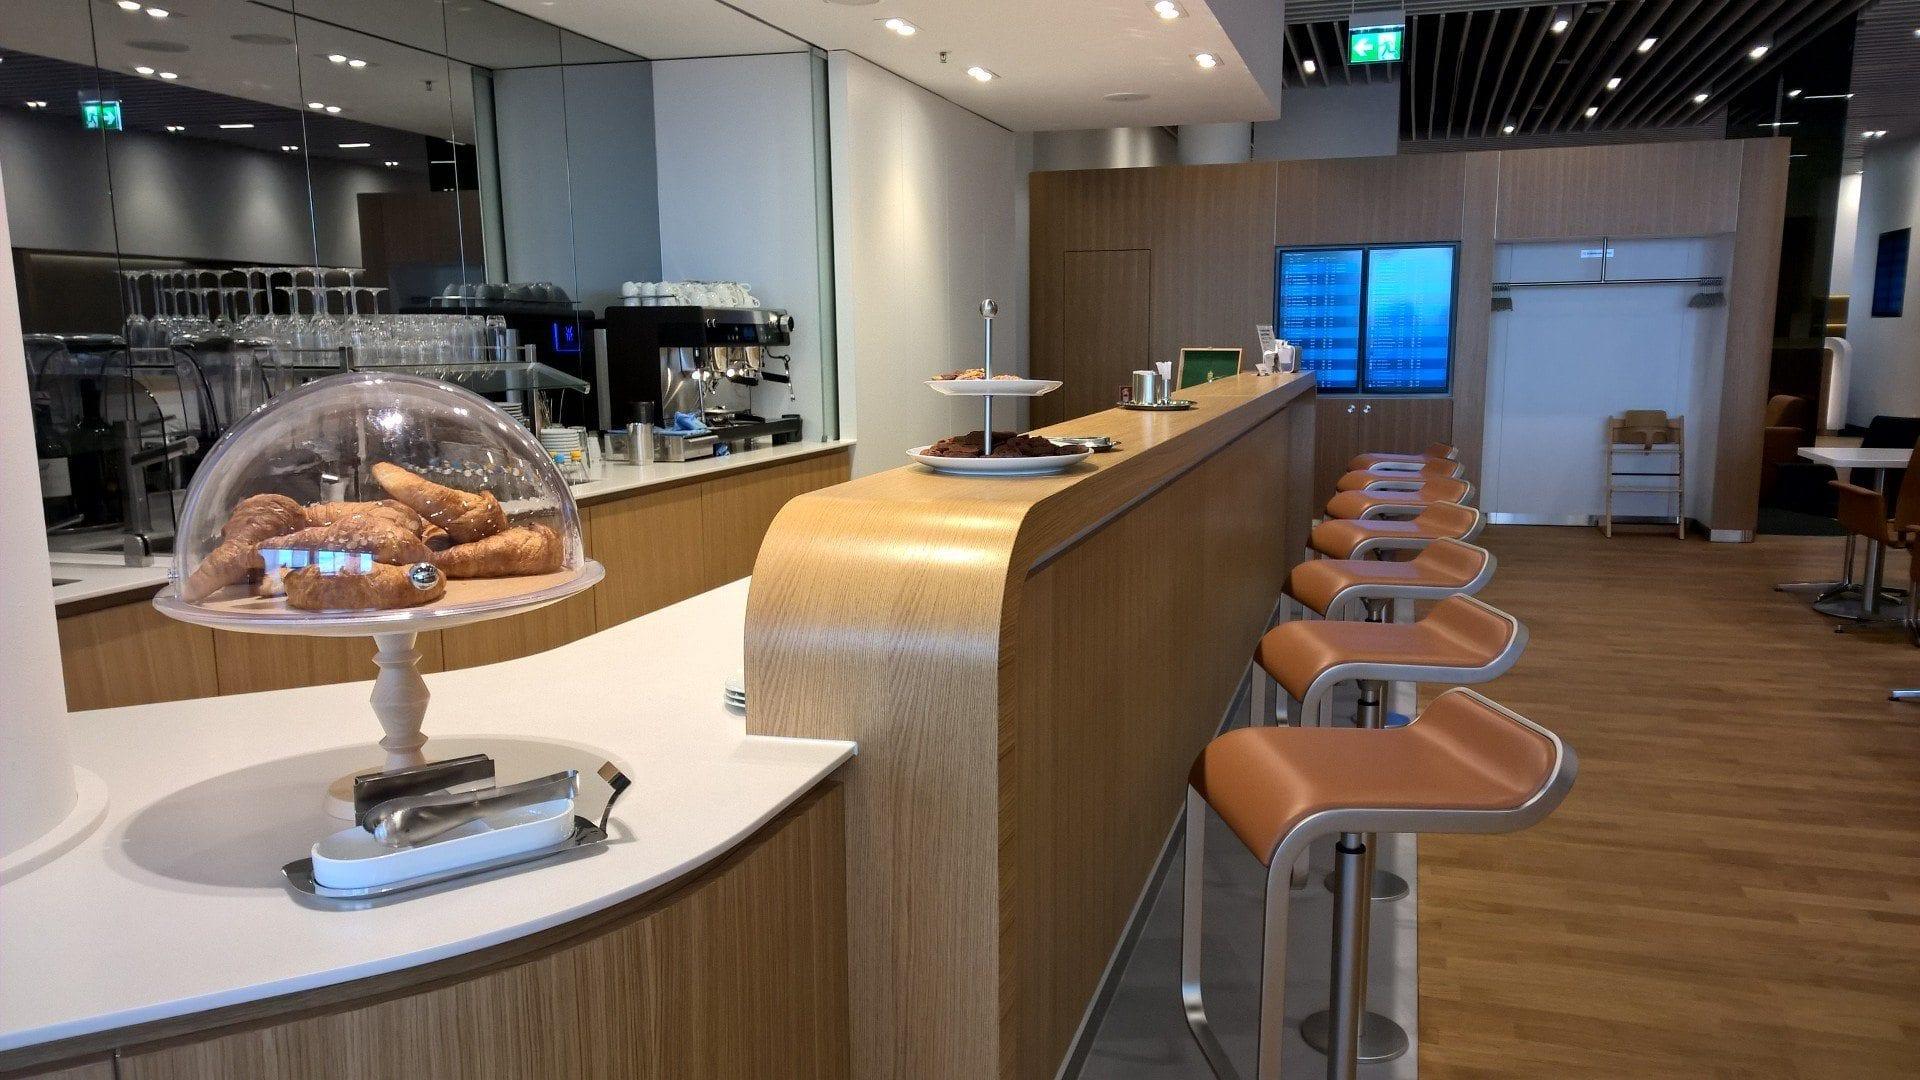 Lufthansa Senator Lounge Satellite Schengen Munich Seating